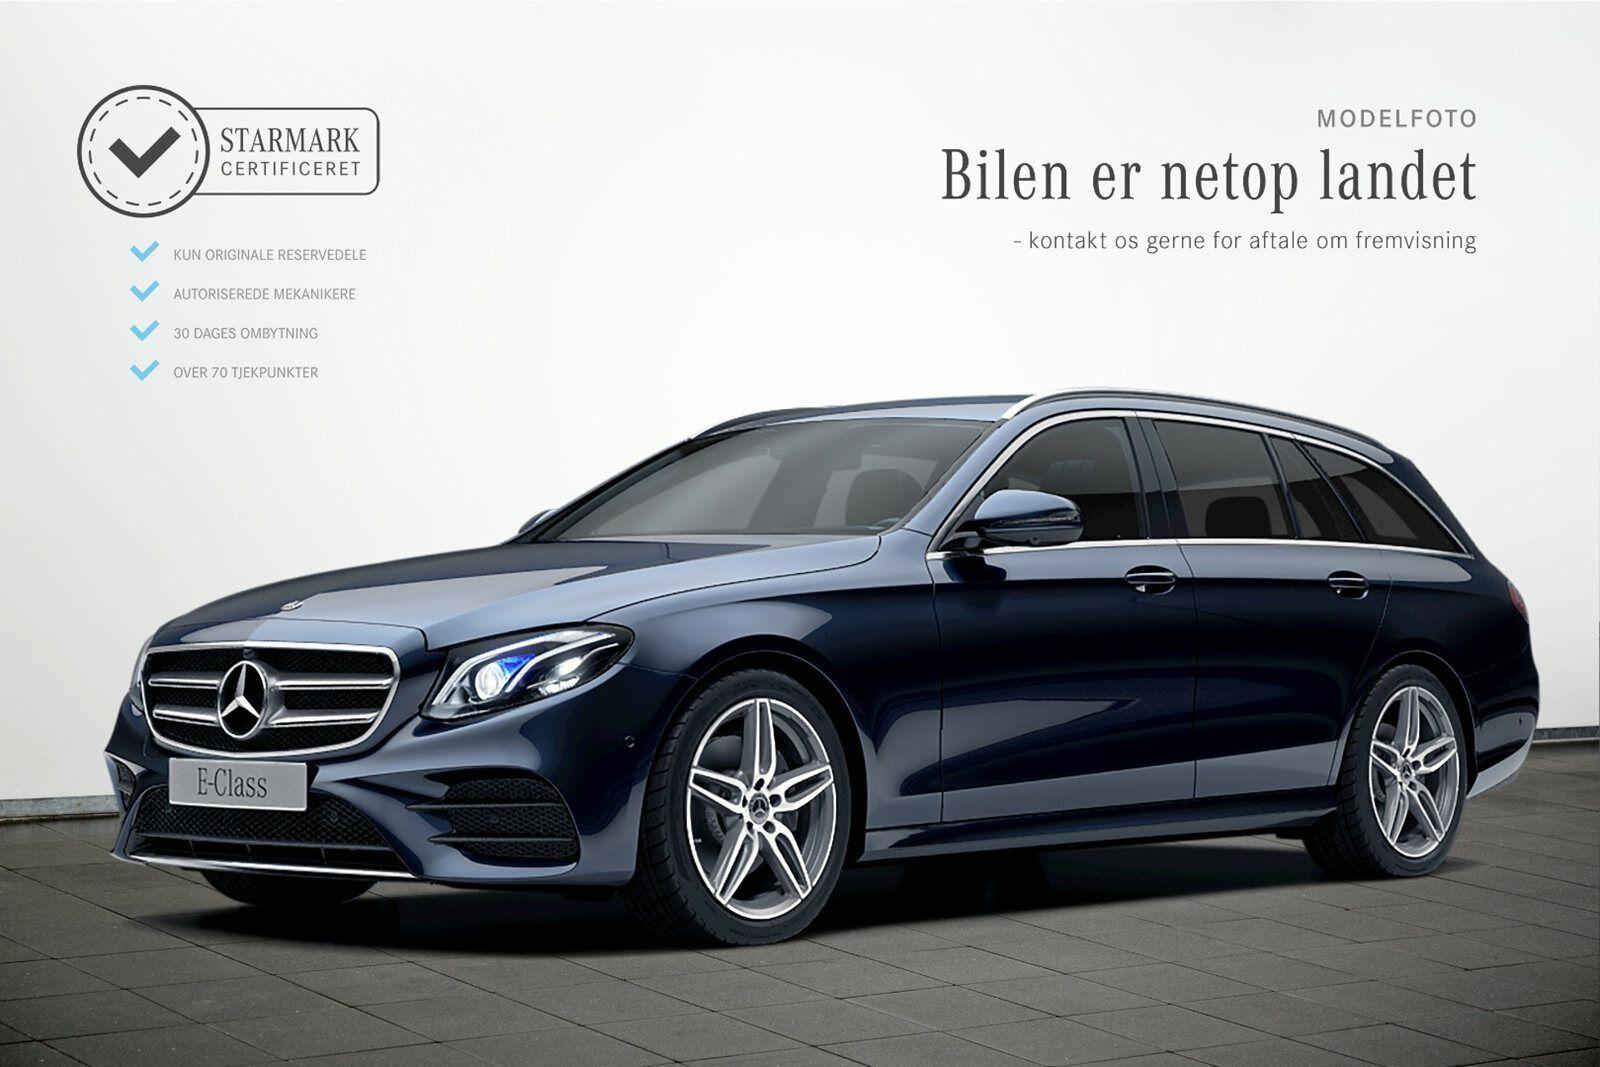 Mercedes E300 d 2,0 AMG Line stc. aut. 5d - 689.900 kr.